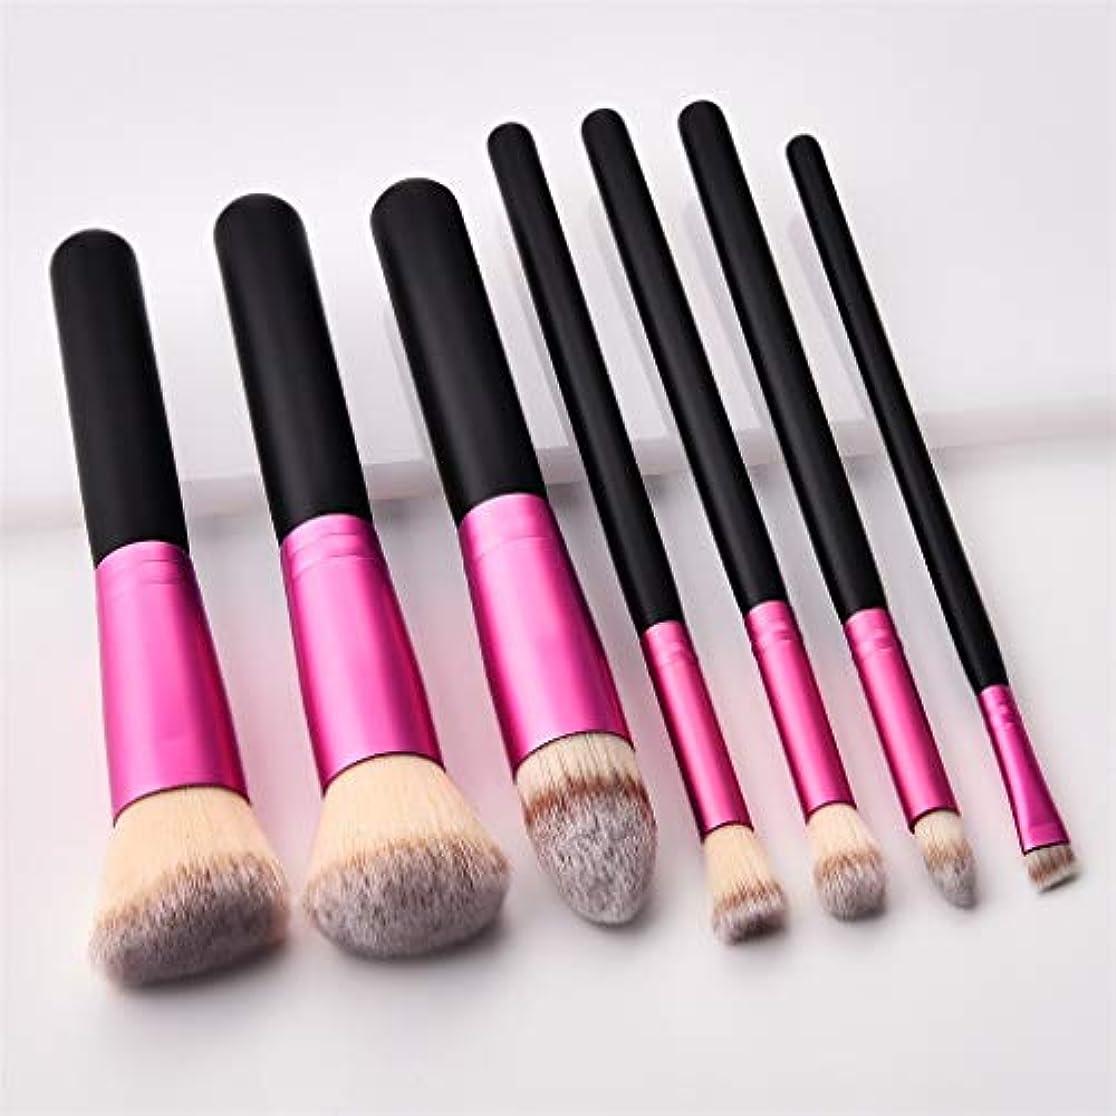 移植落ち着く生産性Akane 7本 GUJHUI 上等 優雅 ピンク 綺麗 美感 便利 高級 魅力的 柔らかい たっぷり 多機能 おしゃれ 激安 日常 仕事 Makeup Brush メイクアップブラシ T-07-060